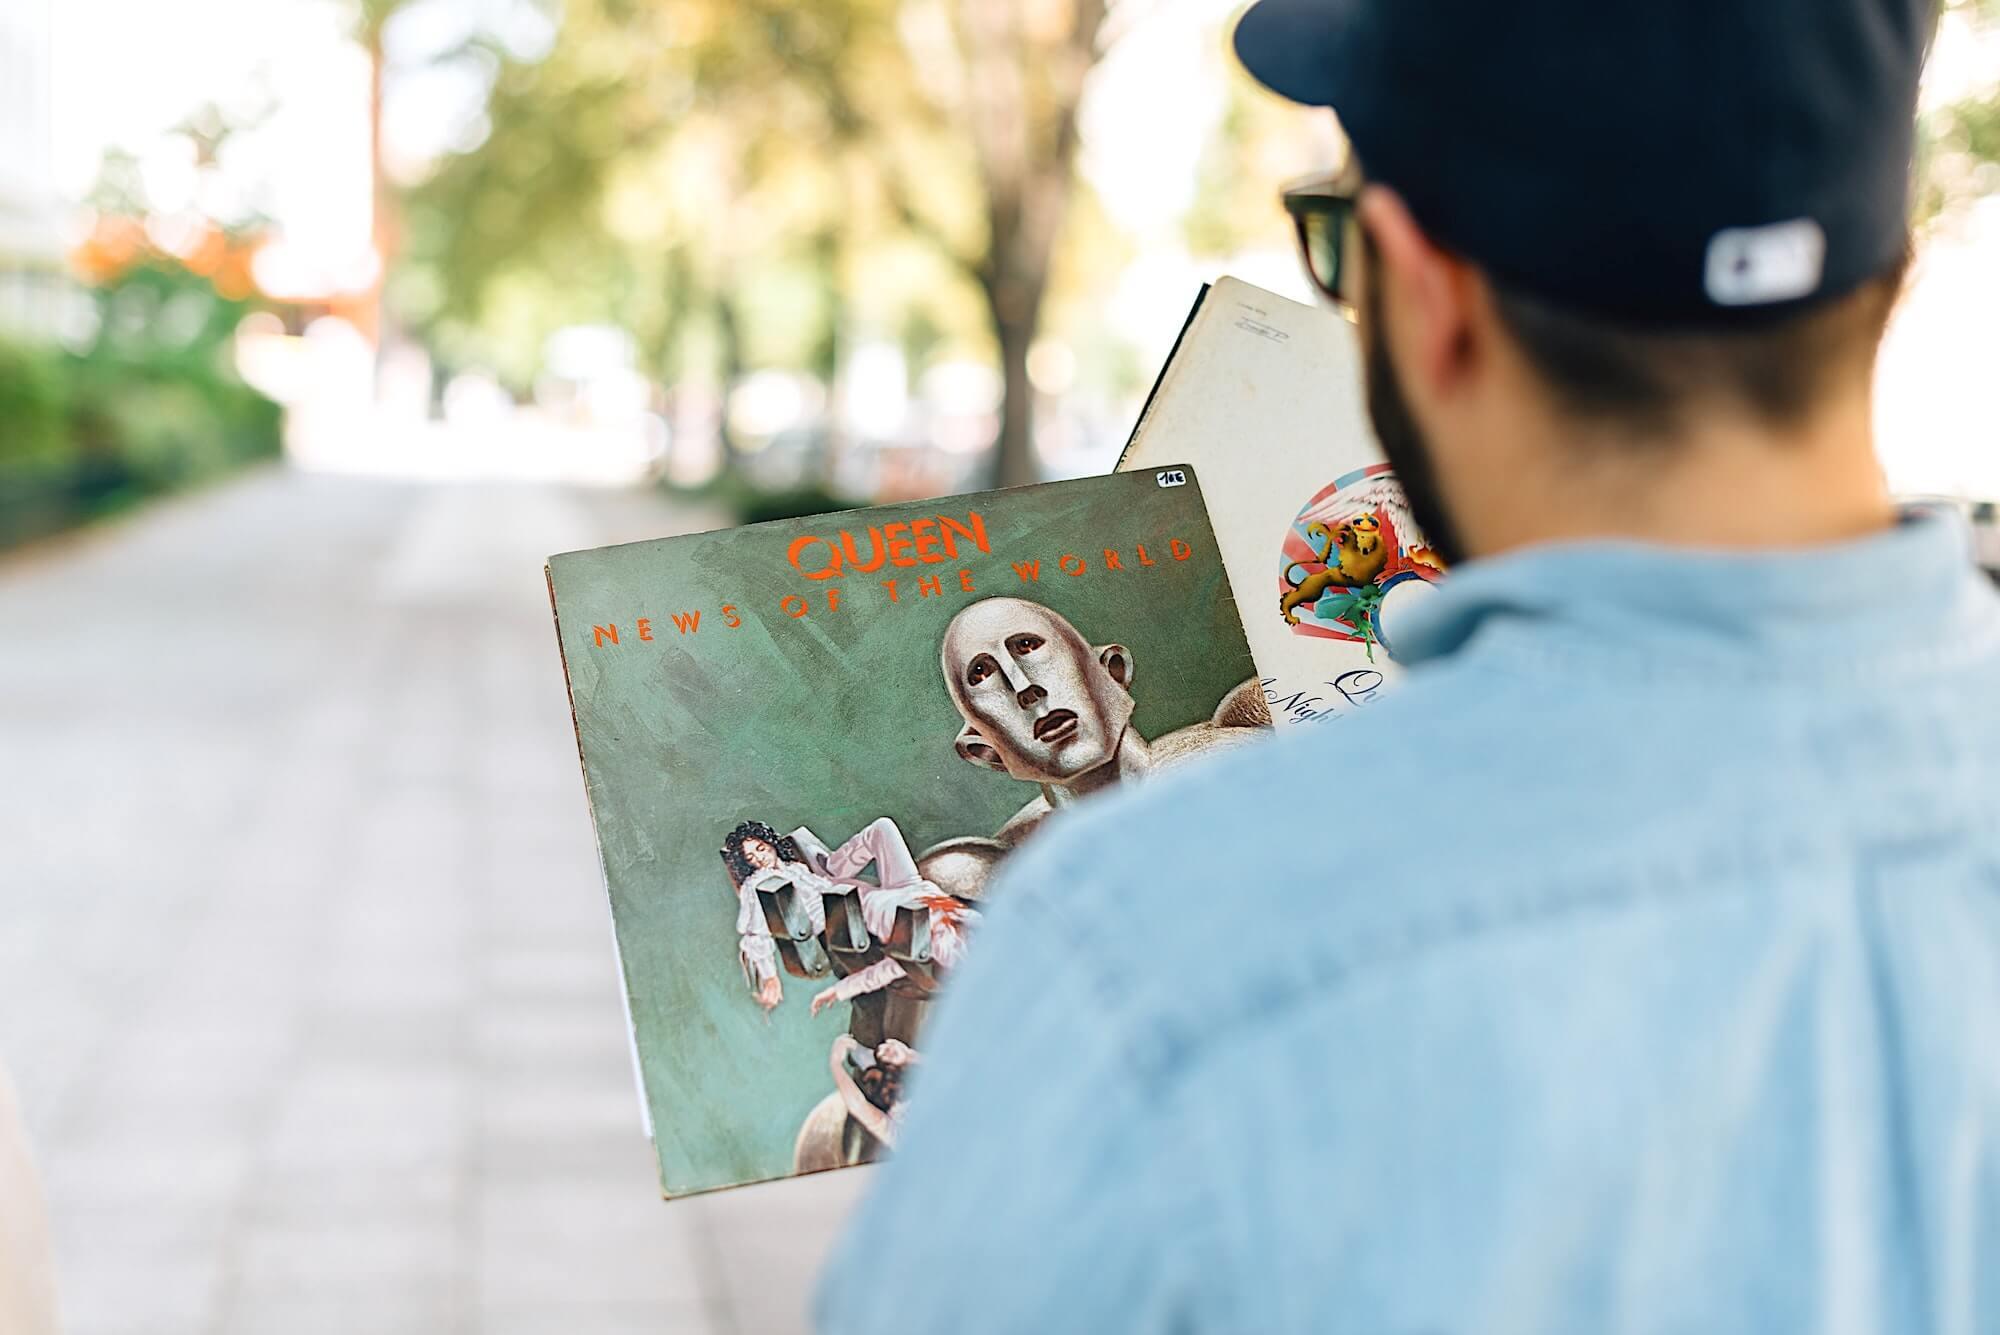 Фотография Roman Kraft. Источник: Unsplash.com